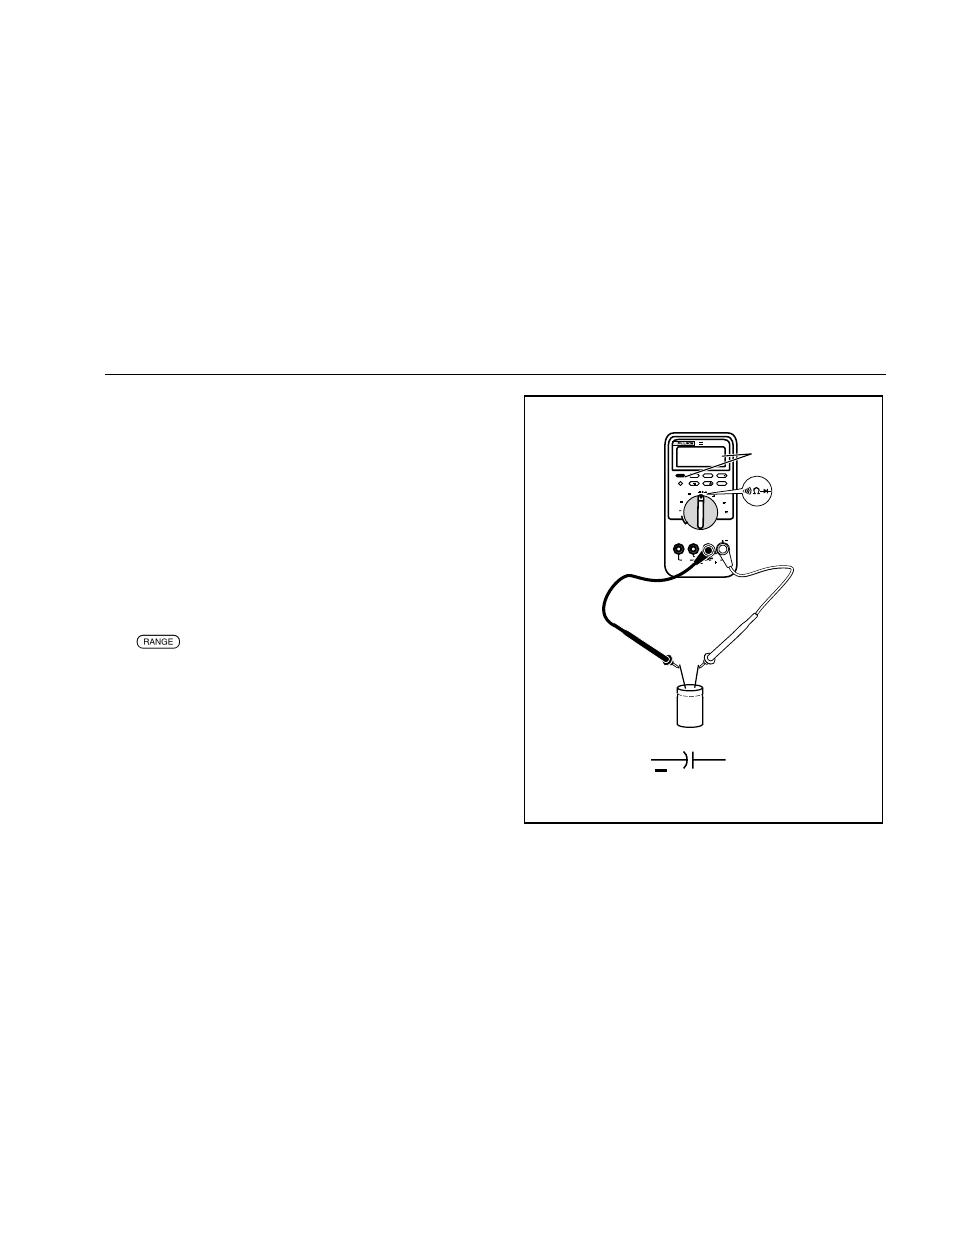 Making measurements, Cat ii, 4 1/2 digits 1 seconds | Fluke